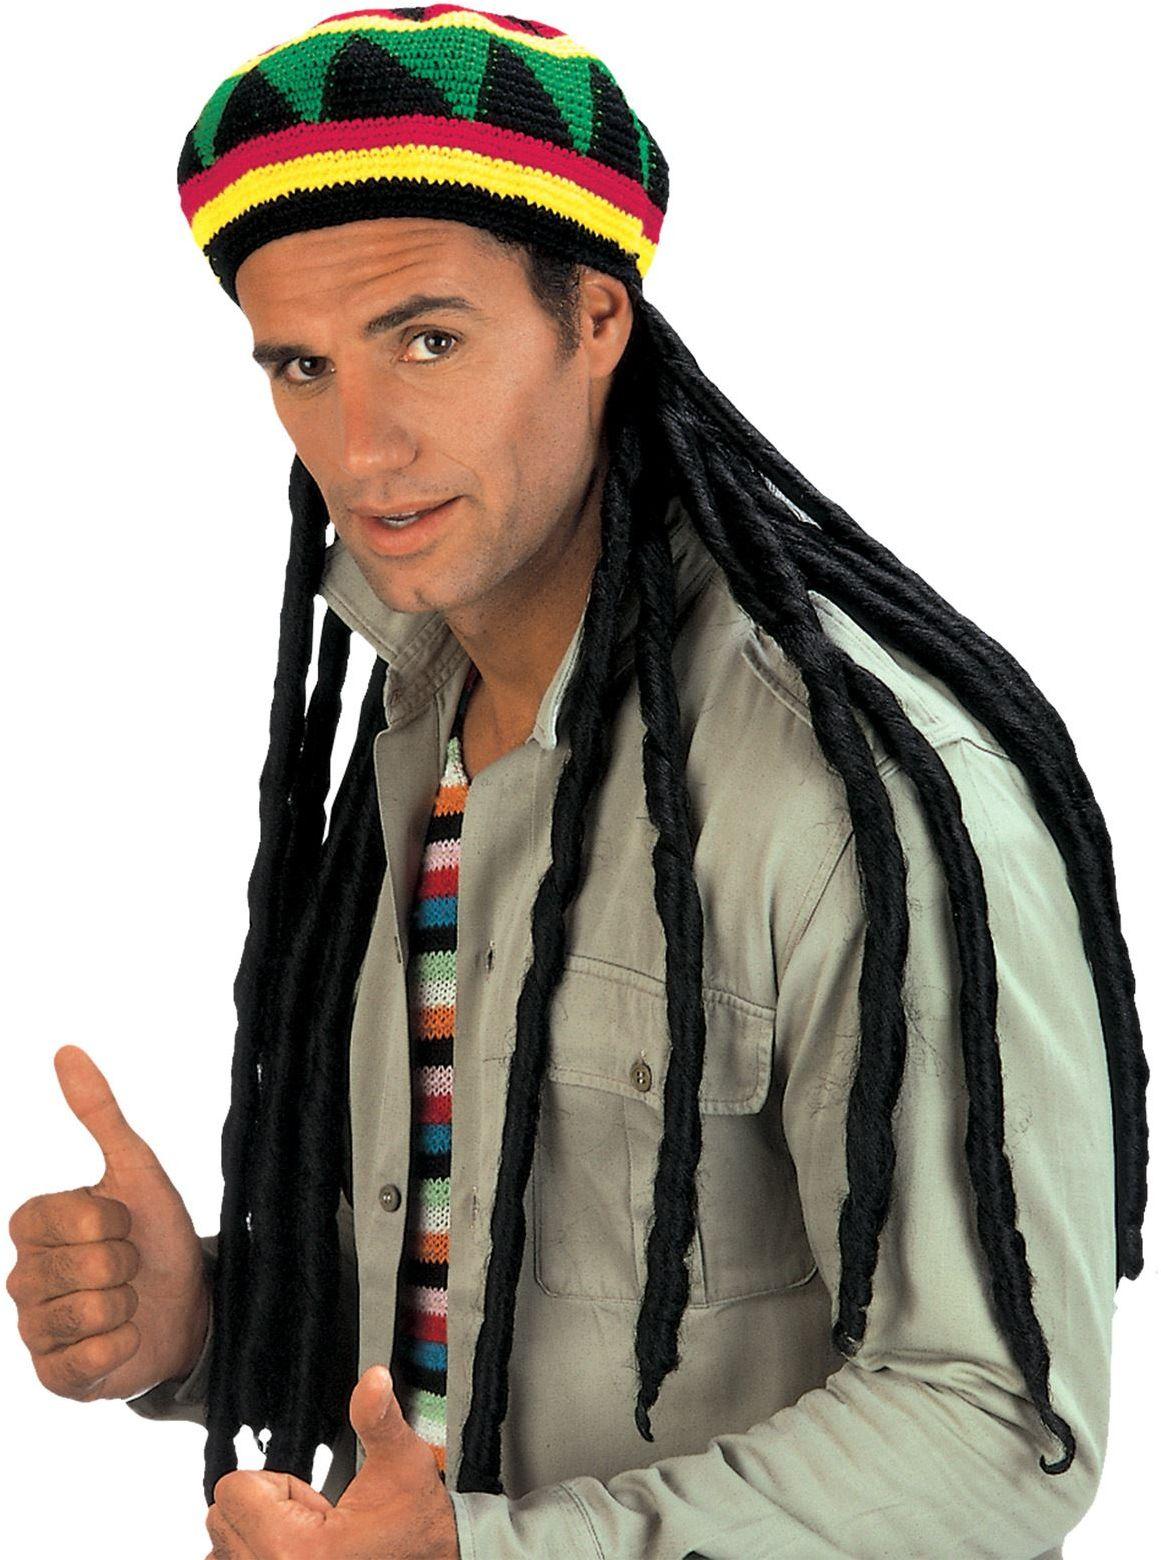 Reggae muts met dreadlocks